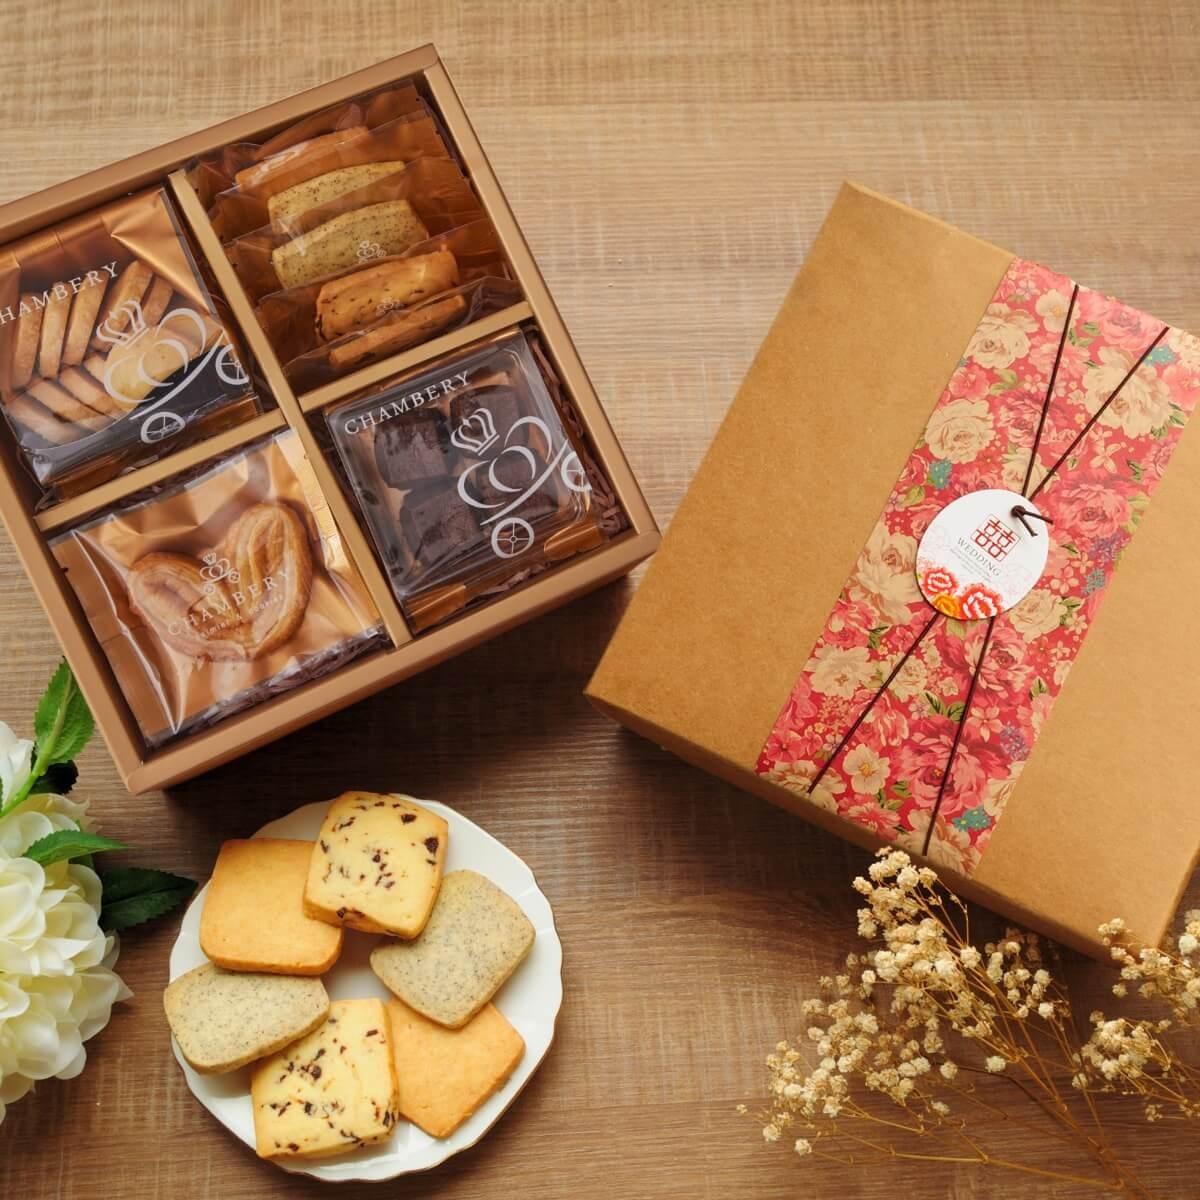 【香貝里】秋月蝴蝶禮盒 / 蝴蝶酥 / 手工餅乾 / 手工喜餅 / 伴手禮 / 附提袋 / 端午禮盒